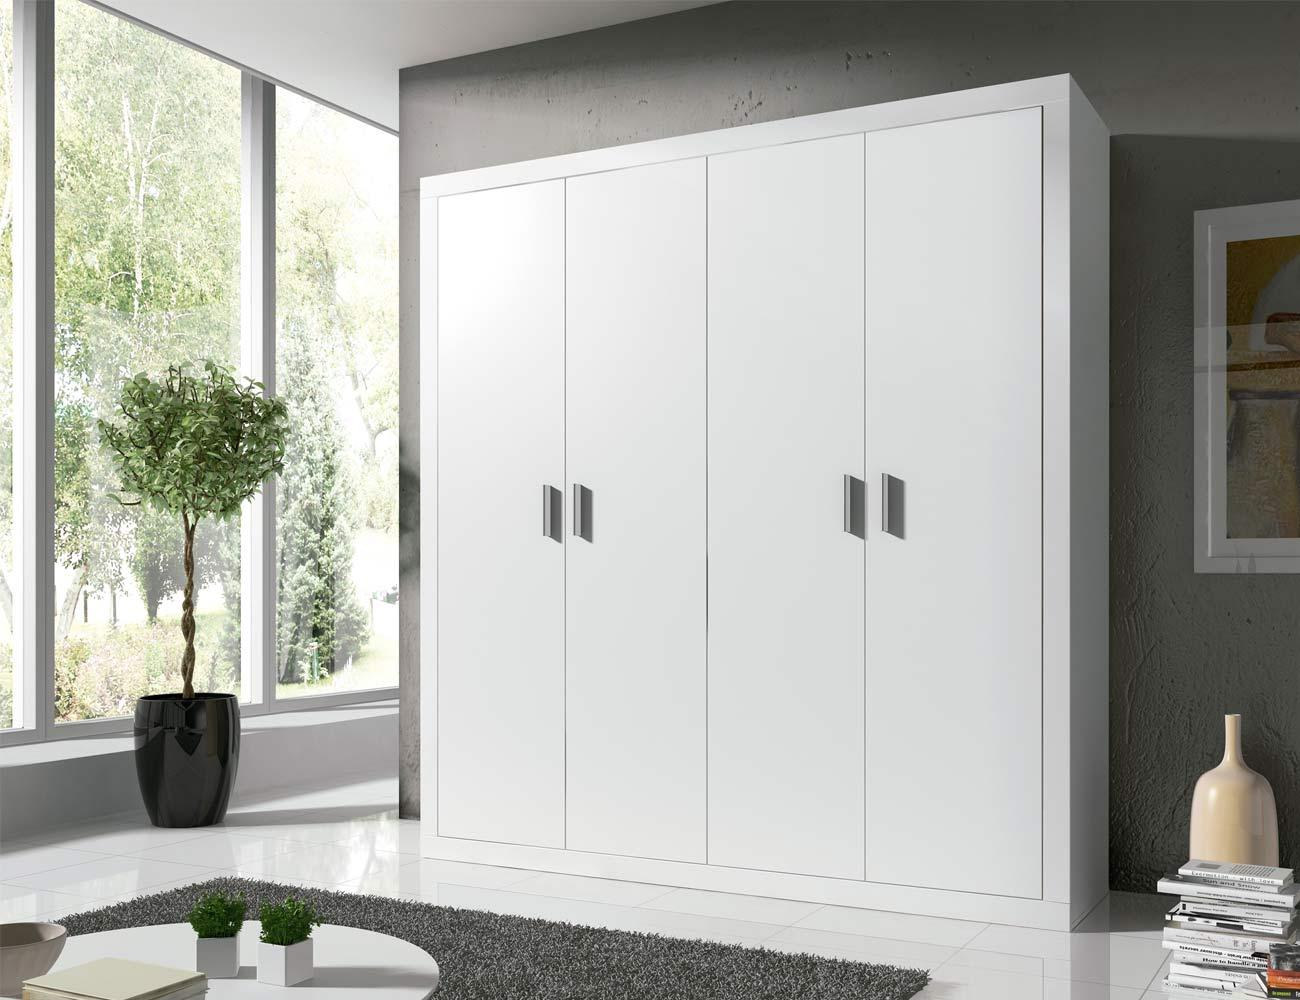 Armario puertas abatibles blanco4